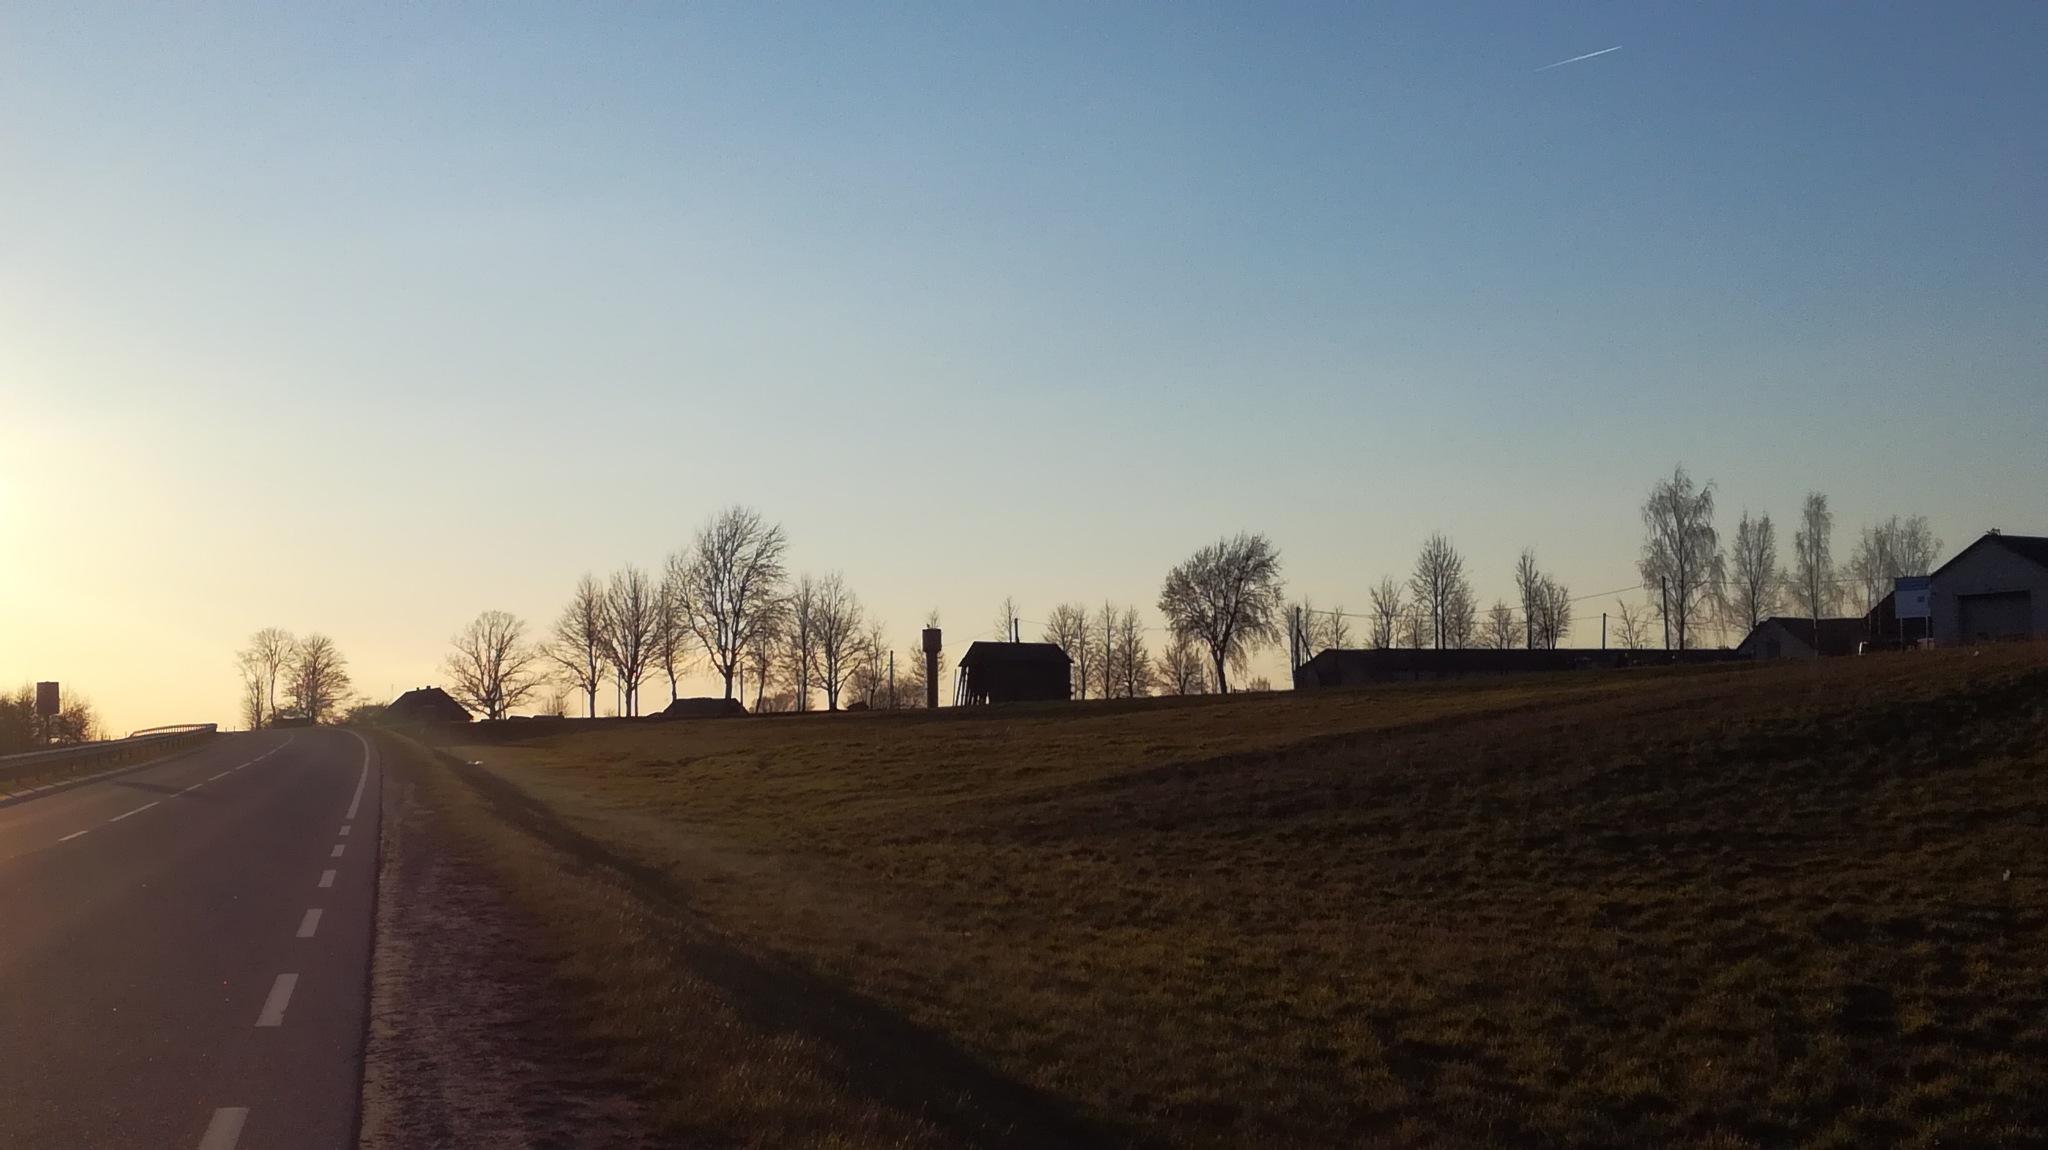 Village by uzkuraitiene62